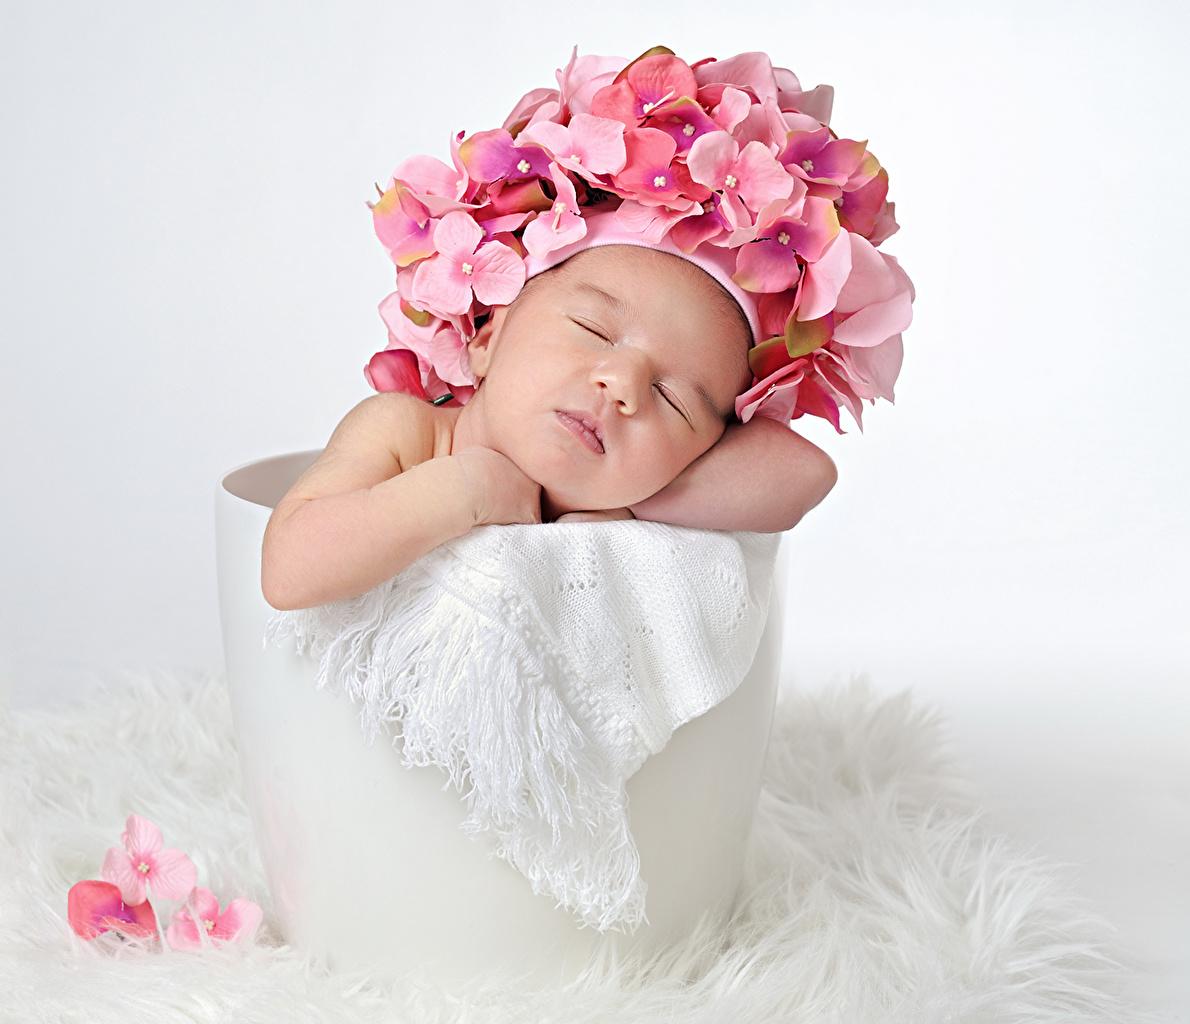 壁紙 赤ちゃん 眠る 小さな女の子 子供 ダウンロード 写真